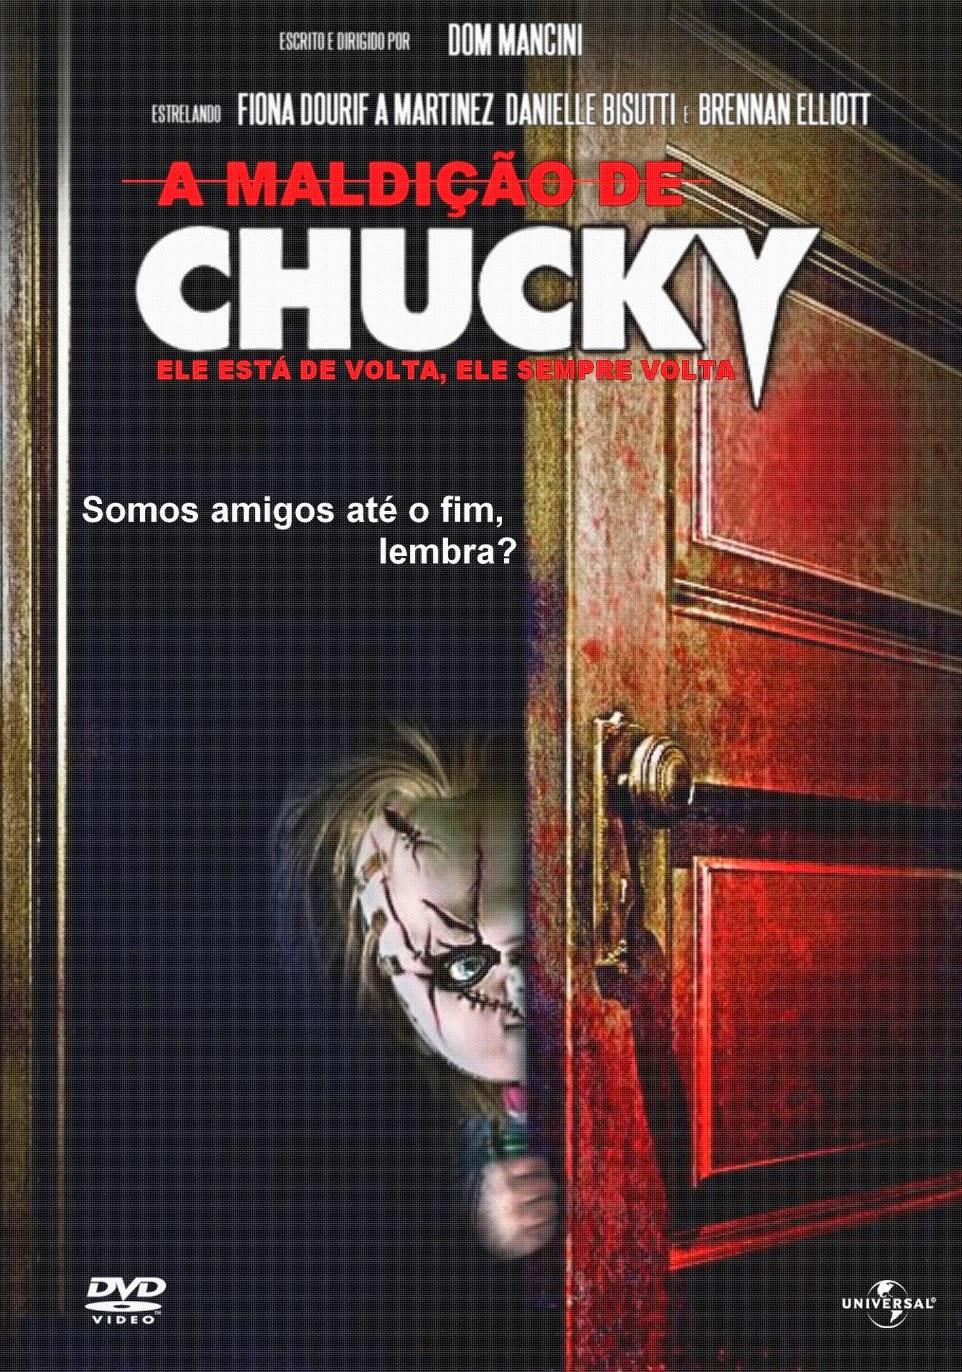 A Maldição de Chucky – Dublado (2013)